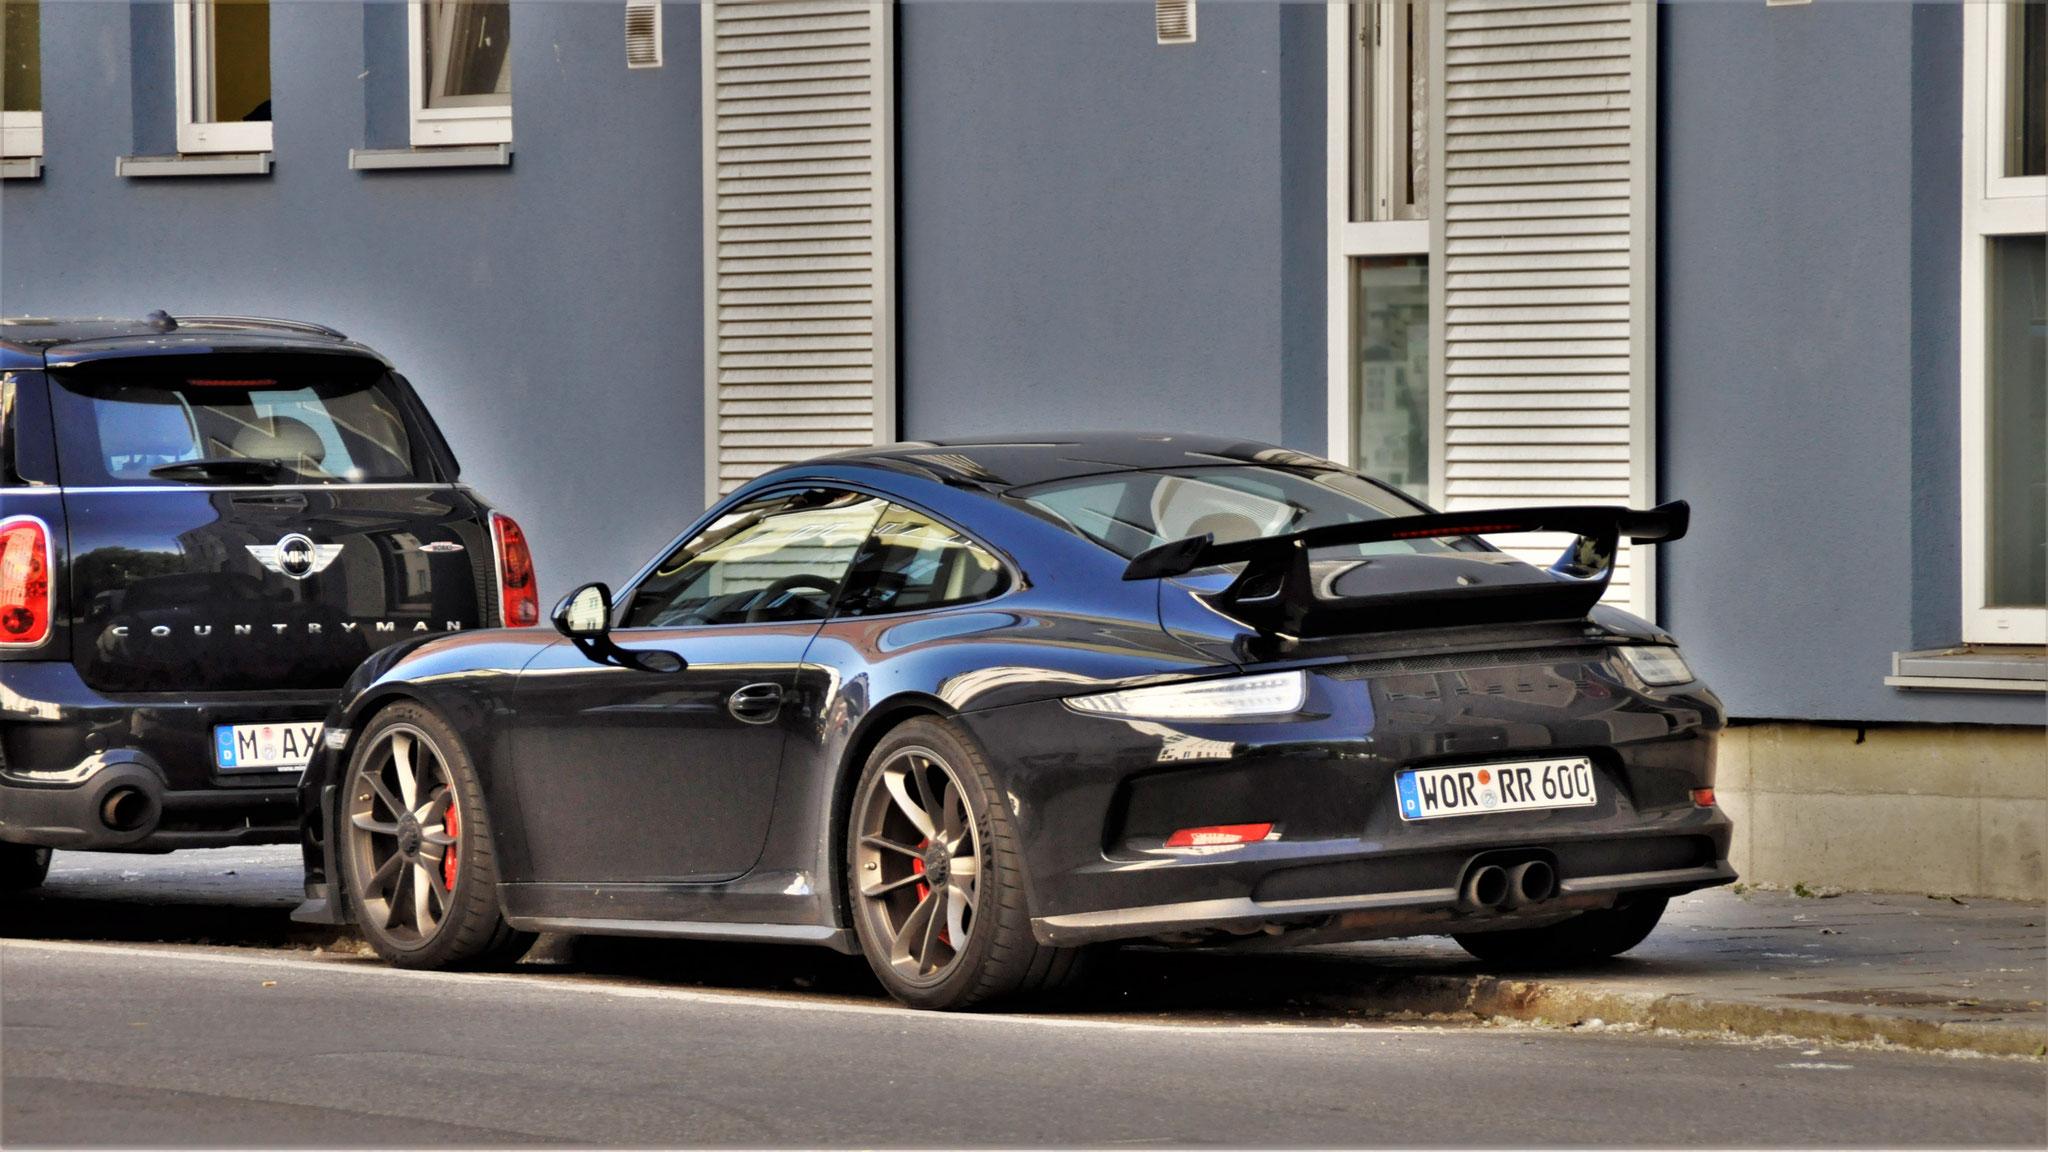 Porsche 991 GT3 - WOR-RR-600